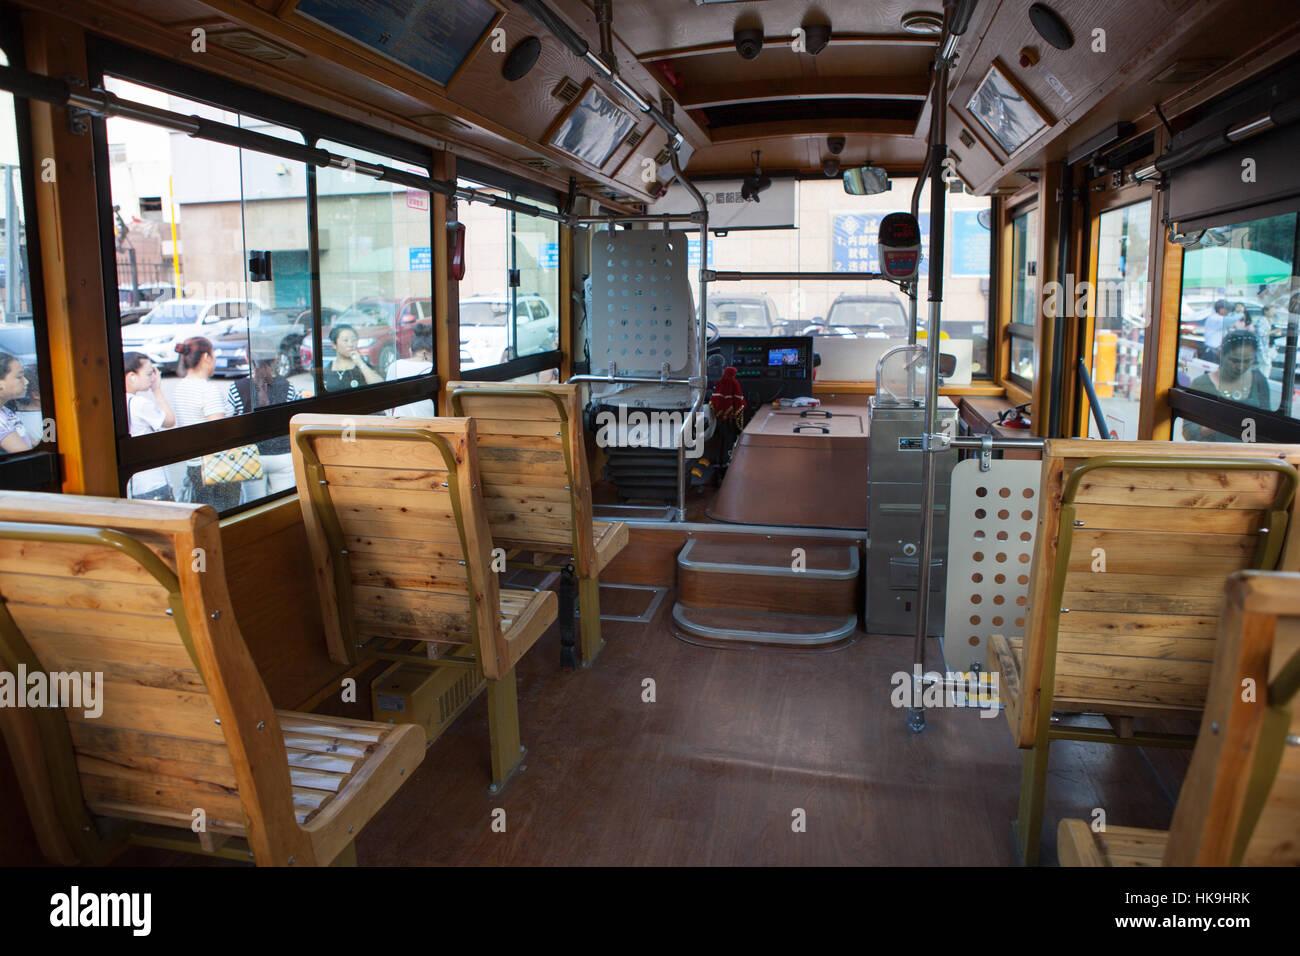 L'intérieur d'un bus urbain typique. Yinchuan, Ningxia, Chine Banque D'Images